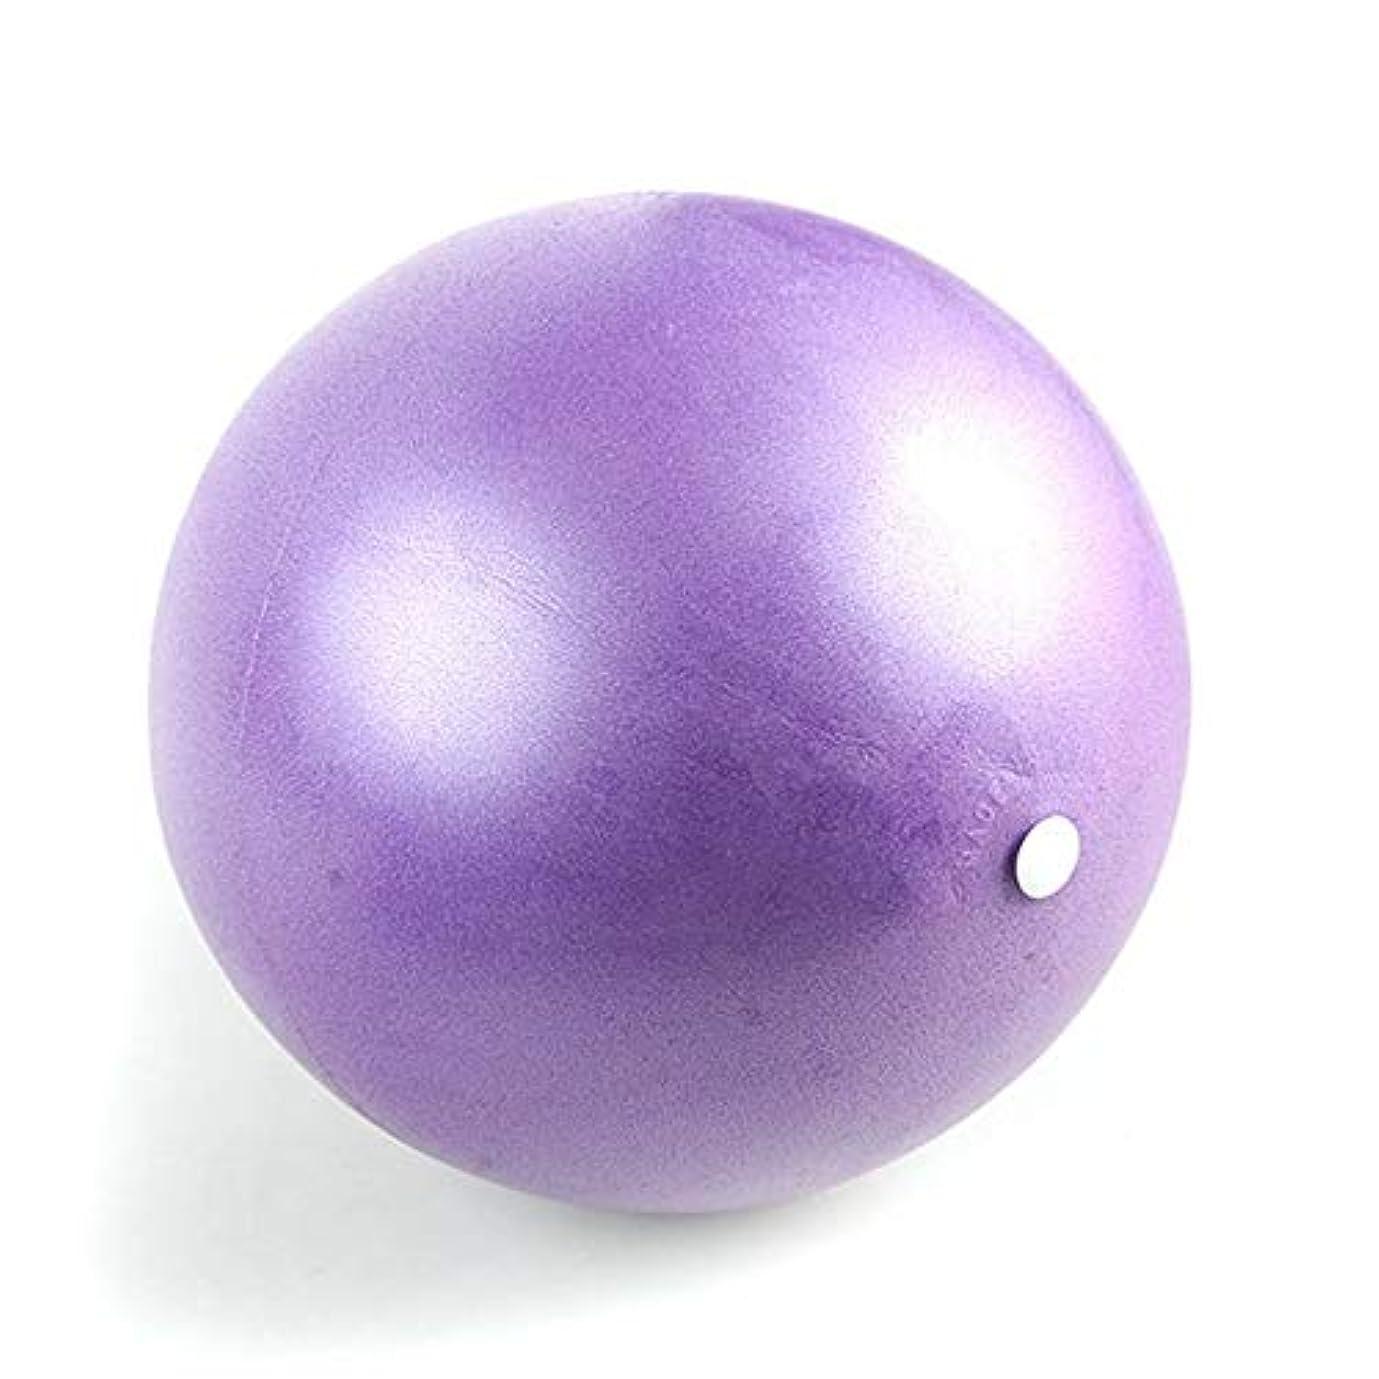 トランザクション誠実さ将来のミニ25センチメートル/ 15センチフィットネス小麦チューブバランス肥厚マットピラティスヨガボール滑り止め摩耗防爆(Color:purple)